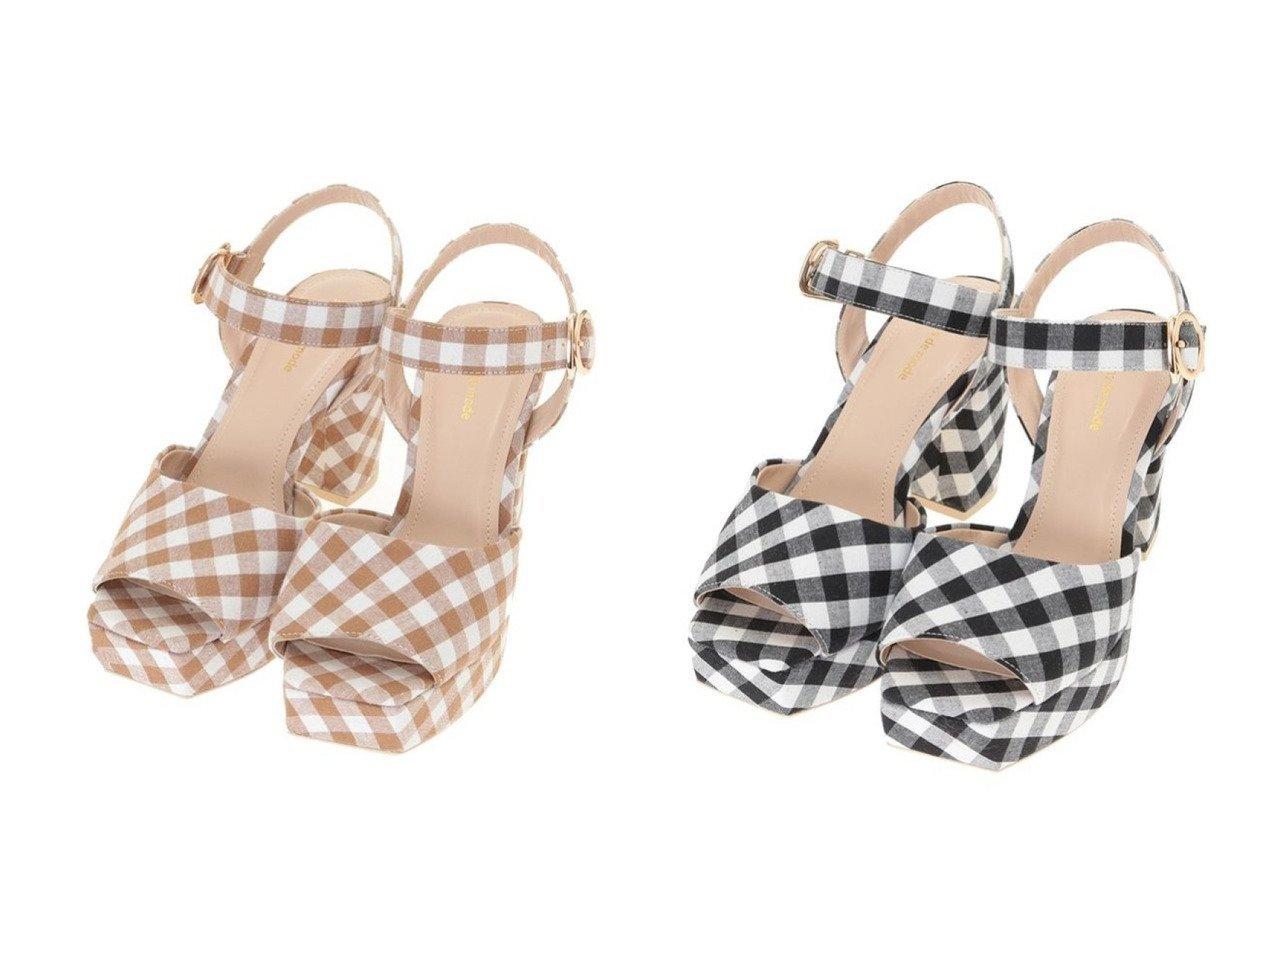 【31 Sons de mode/トランテアン ソン ドゥ モード】のギンガムチェックサンダル シューズ・靴のおすすめ!人気、トレンド・レディースファッションの通販  おすすめで人気の流行・トレンド、ファッションの通販商品 メンズファッション・キッズファッション・インテリア・家具・レディースファッション・服の通販 founy(ファニー) https://founy.com/ ファッション Fashion レディースファッション WOMEN サンダル シューズ ミュール |ID:crp329100000009829